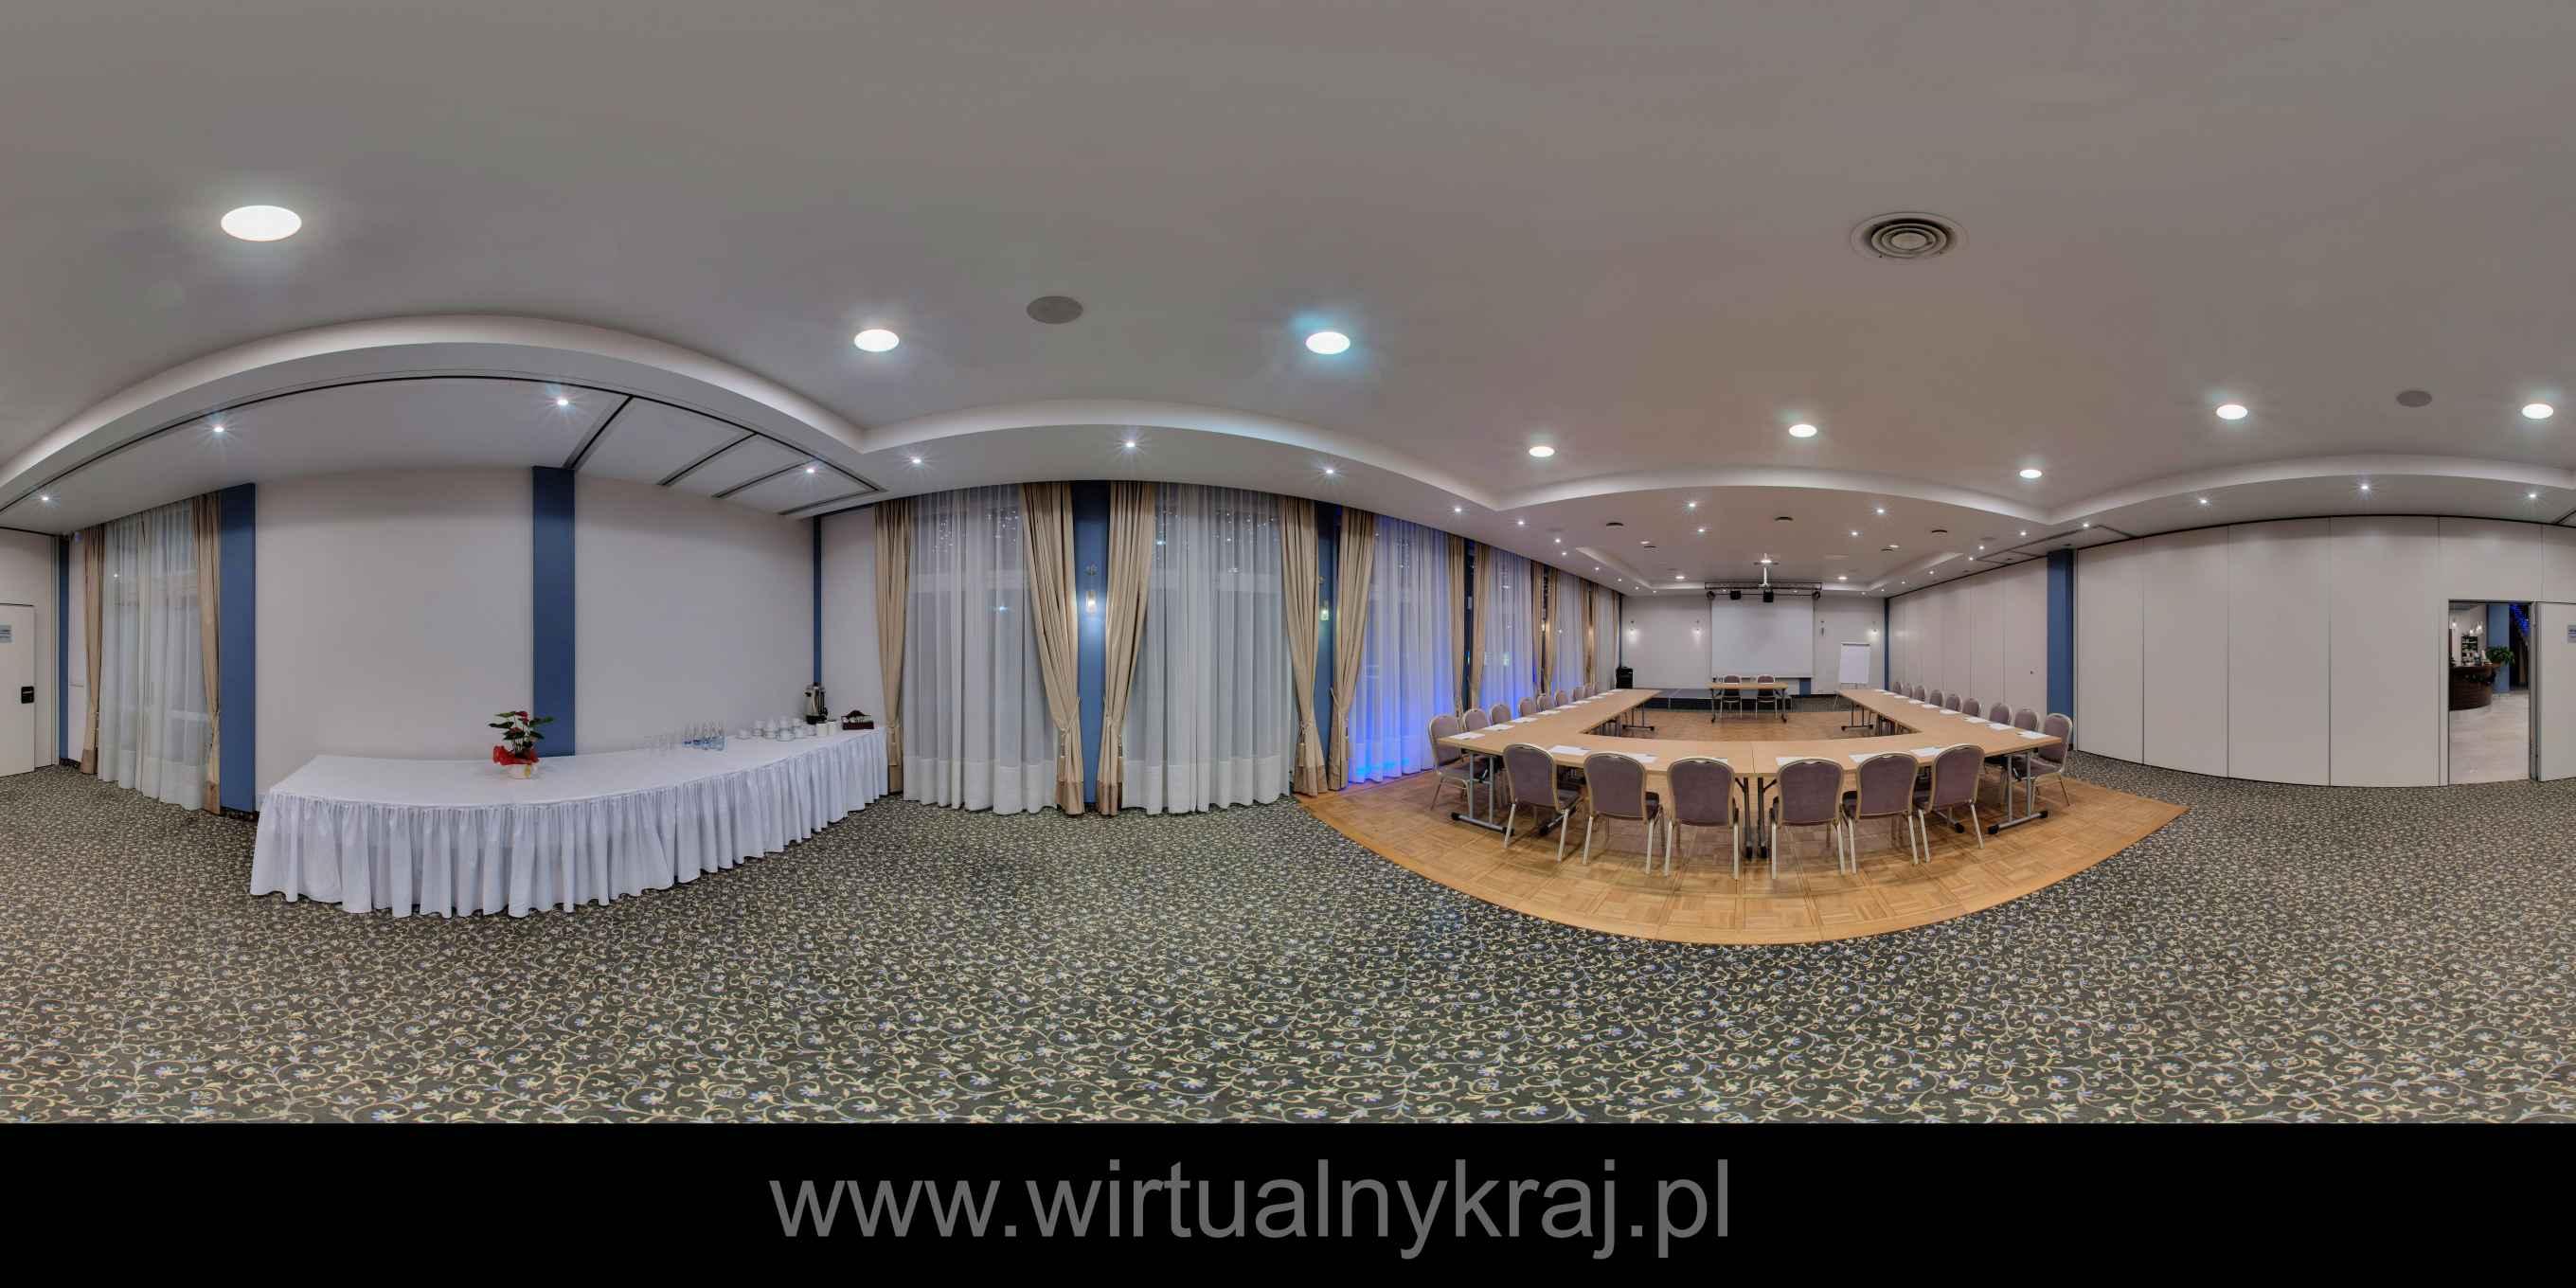 Prezentacja panoramiczna dla obiektu Hotel Komfort w Krzywaczce